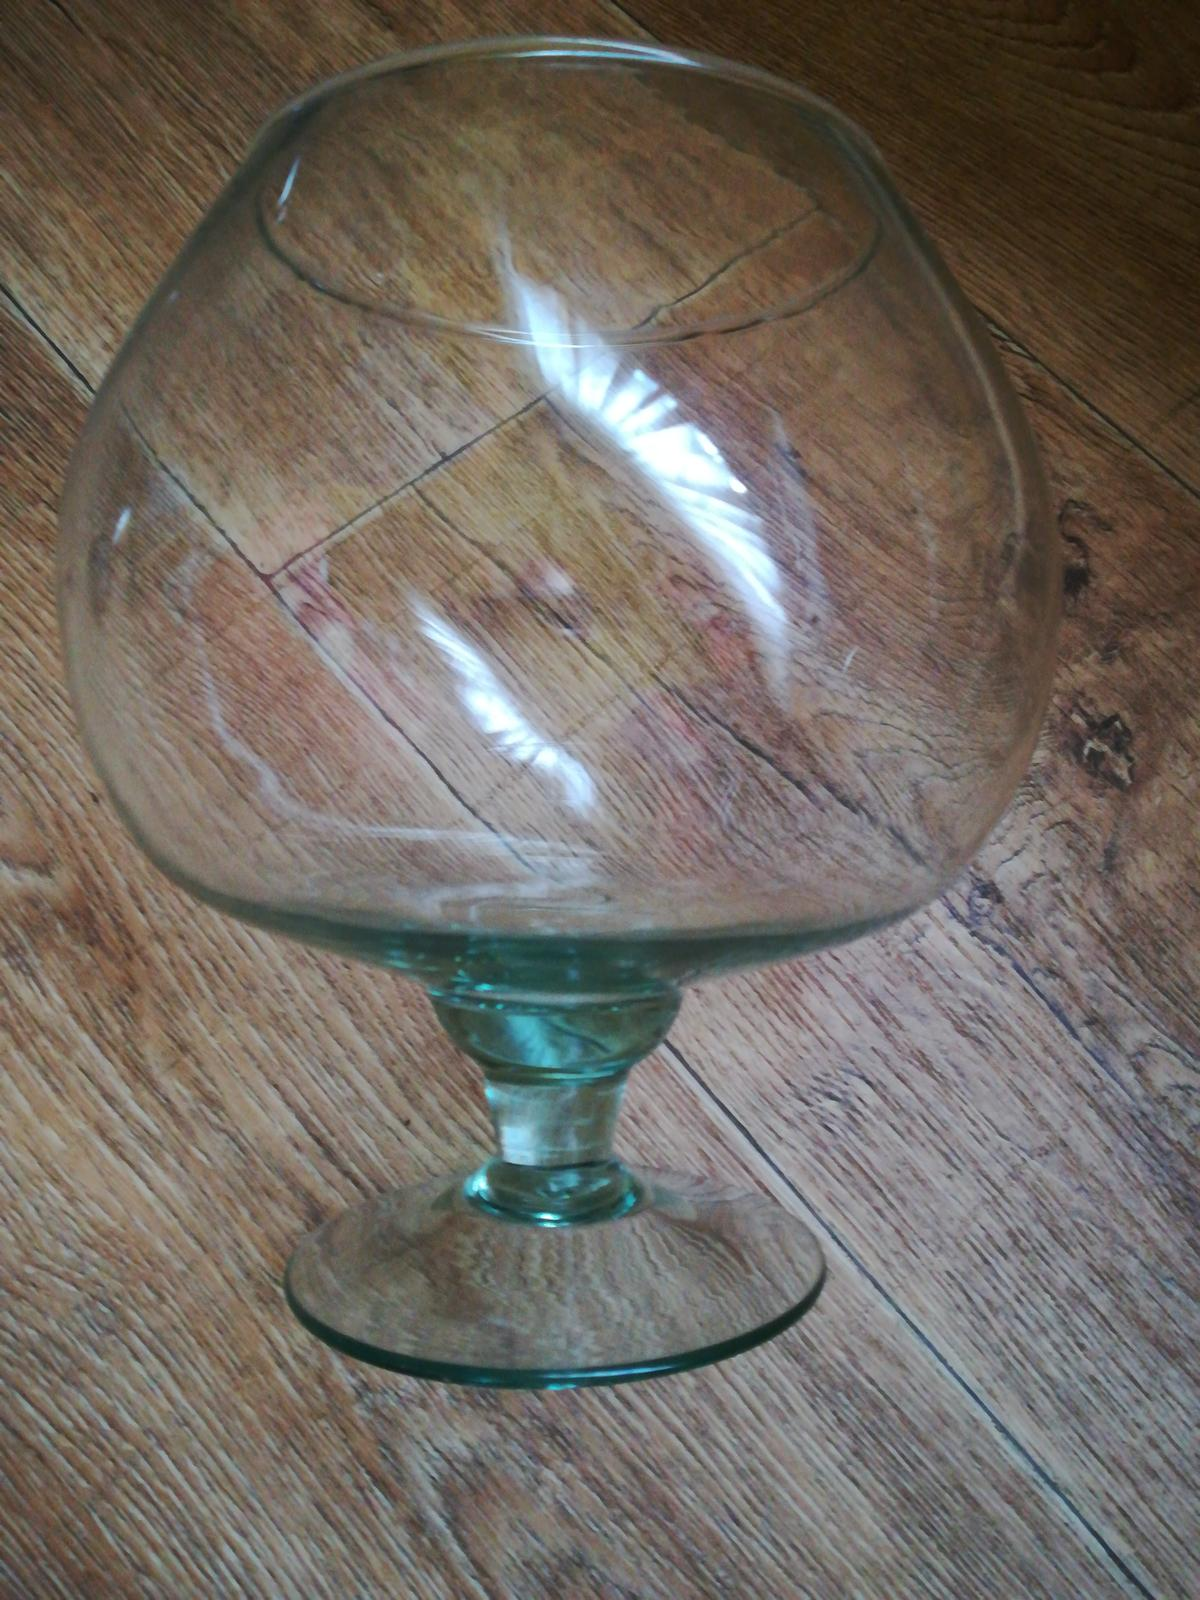 Sklenený pohár na stopke  - Obrázok č. 1